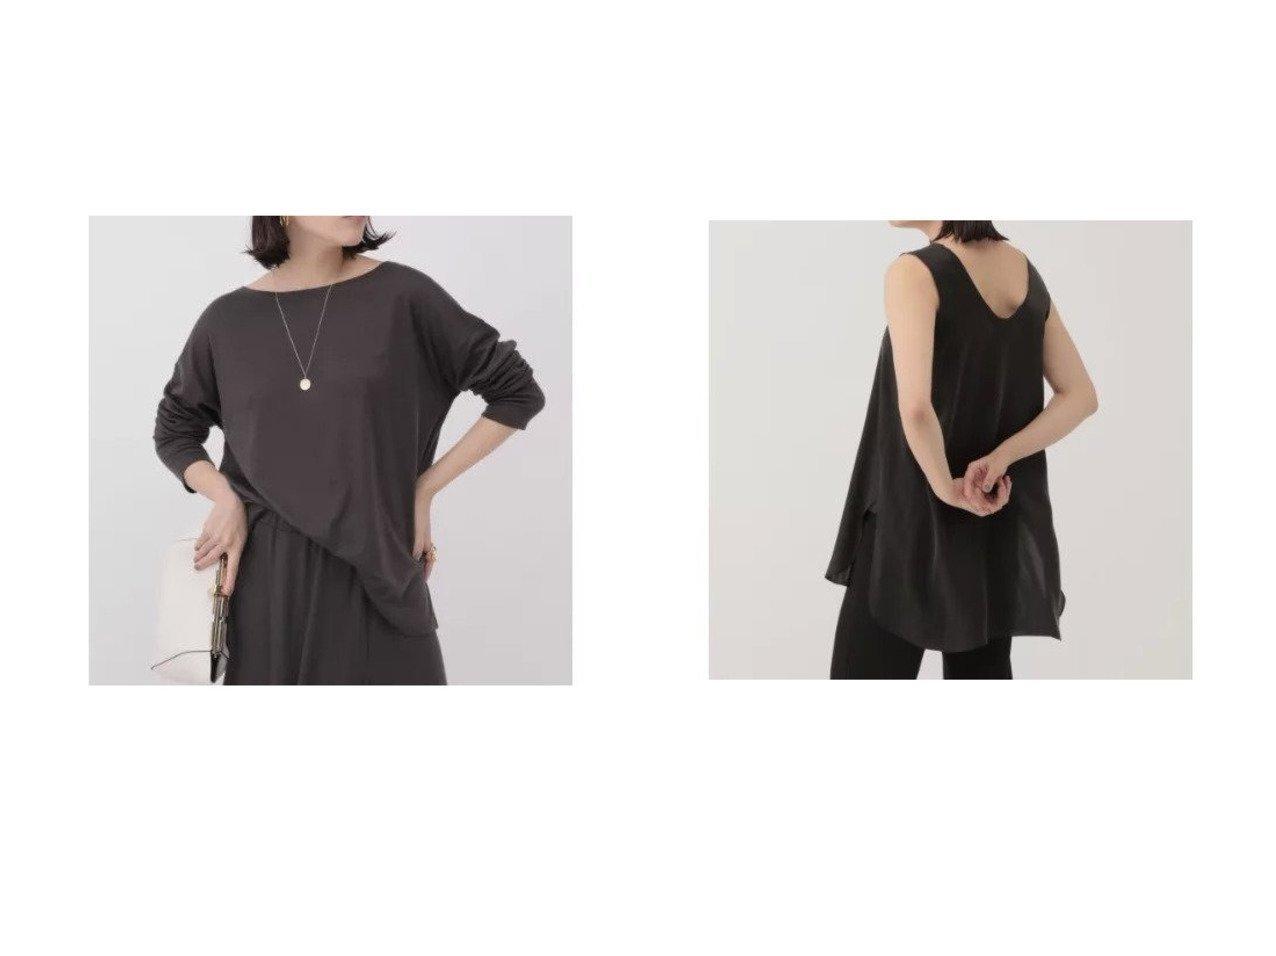 【Chaos/カオス】のサンンディングシルクタンクブラウス&マージミラノカットプルオーバー カオスのおすすめ!人気、トレンド・レディースファッションの通販 おすすめで人気の流行・トレンド、ファッションの通販商品 メンズファッション・キッズファッション・インテリア・家具・レディースファッション・服の通販 founy(ファニー) https://founy.com/ ファッション Fashion レディースファッション WOMEN トップス カットソー Tops Tshirt キャミソール / ノースリーブ No Sleeves シャツ/ブラウス Shirts Blouses ロング / Tシャツ T-Shirts プルオーバー Pullover カットソー Cut and Sewn サテン シルク シンプル ジャケット ノースリーブ おすすめ Recommend インナー カットソー ストレッチ セットアップ 長袖 |ID:crp329100000020652